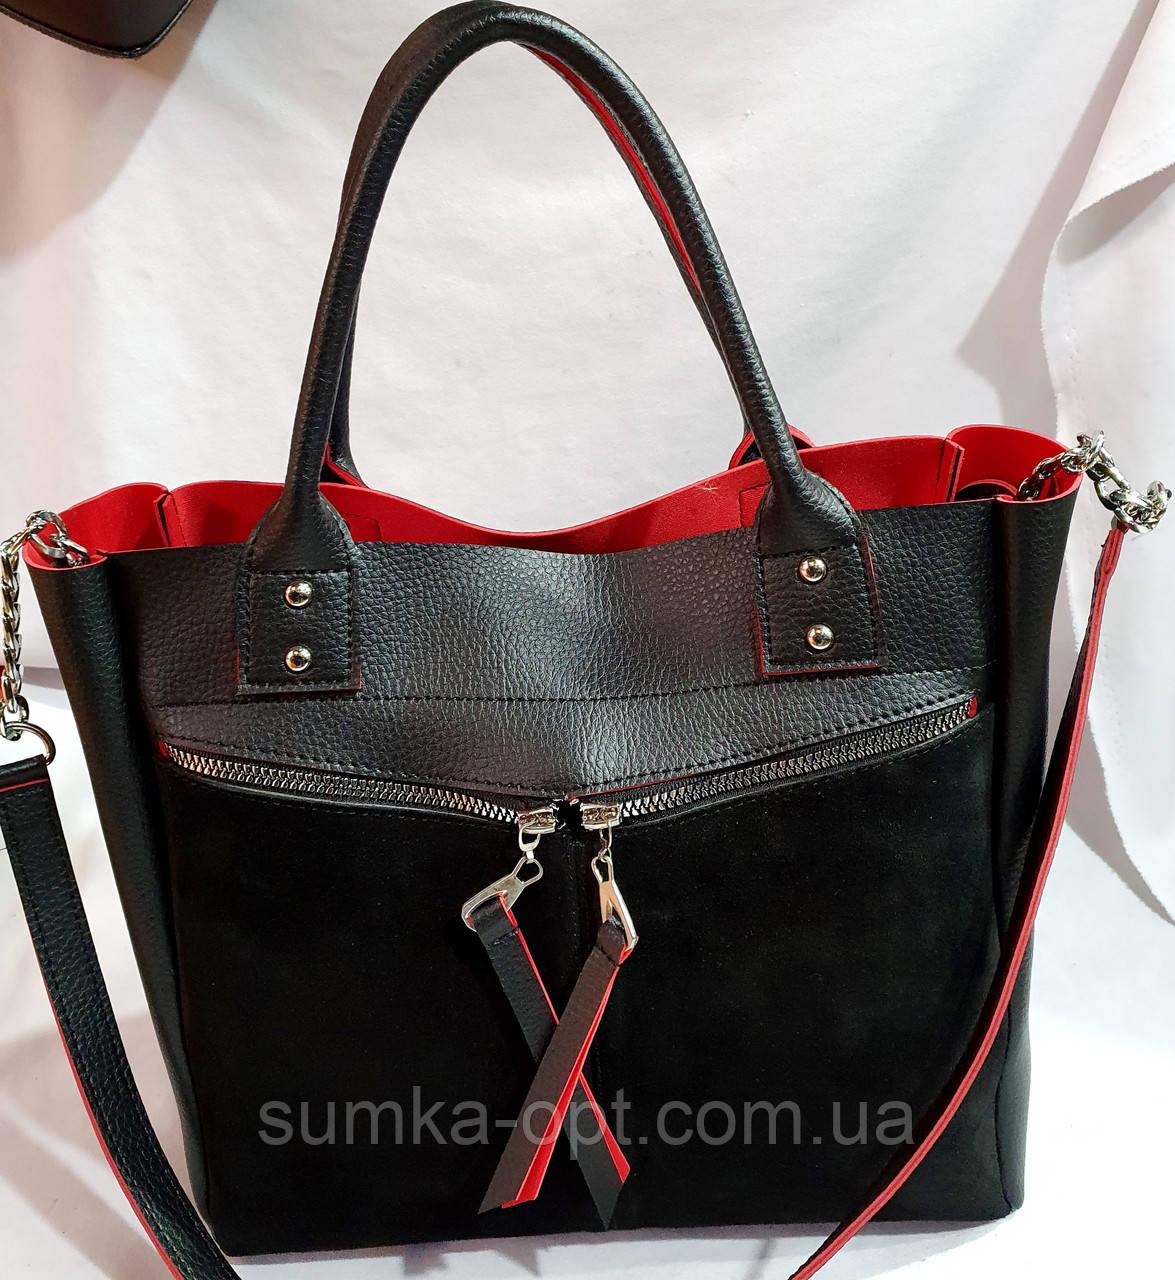 Женская замшевая черно-красная сумка 32*30 см (натуральная замша)